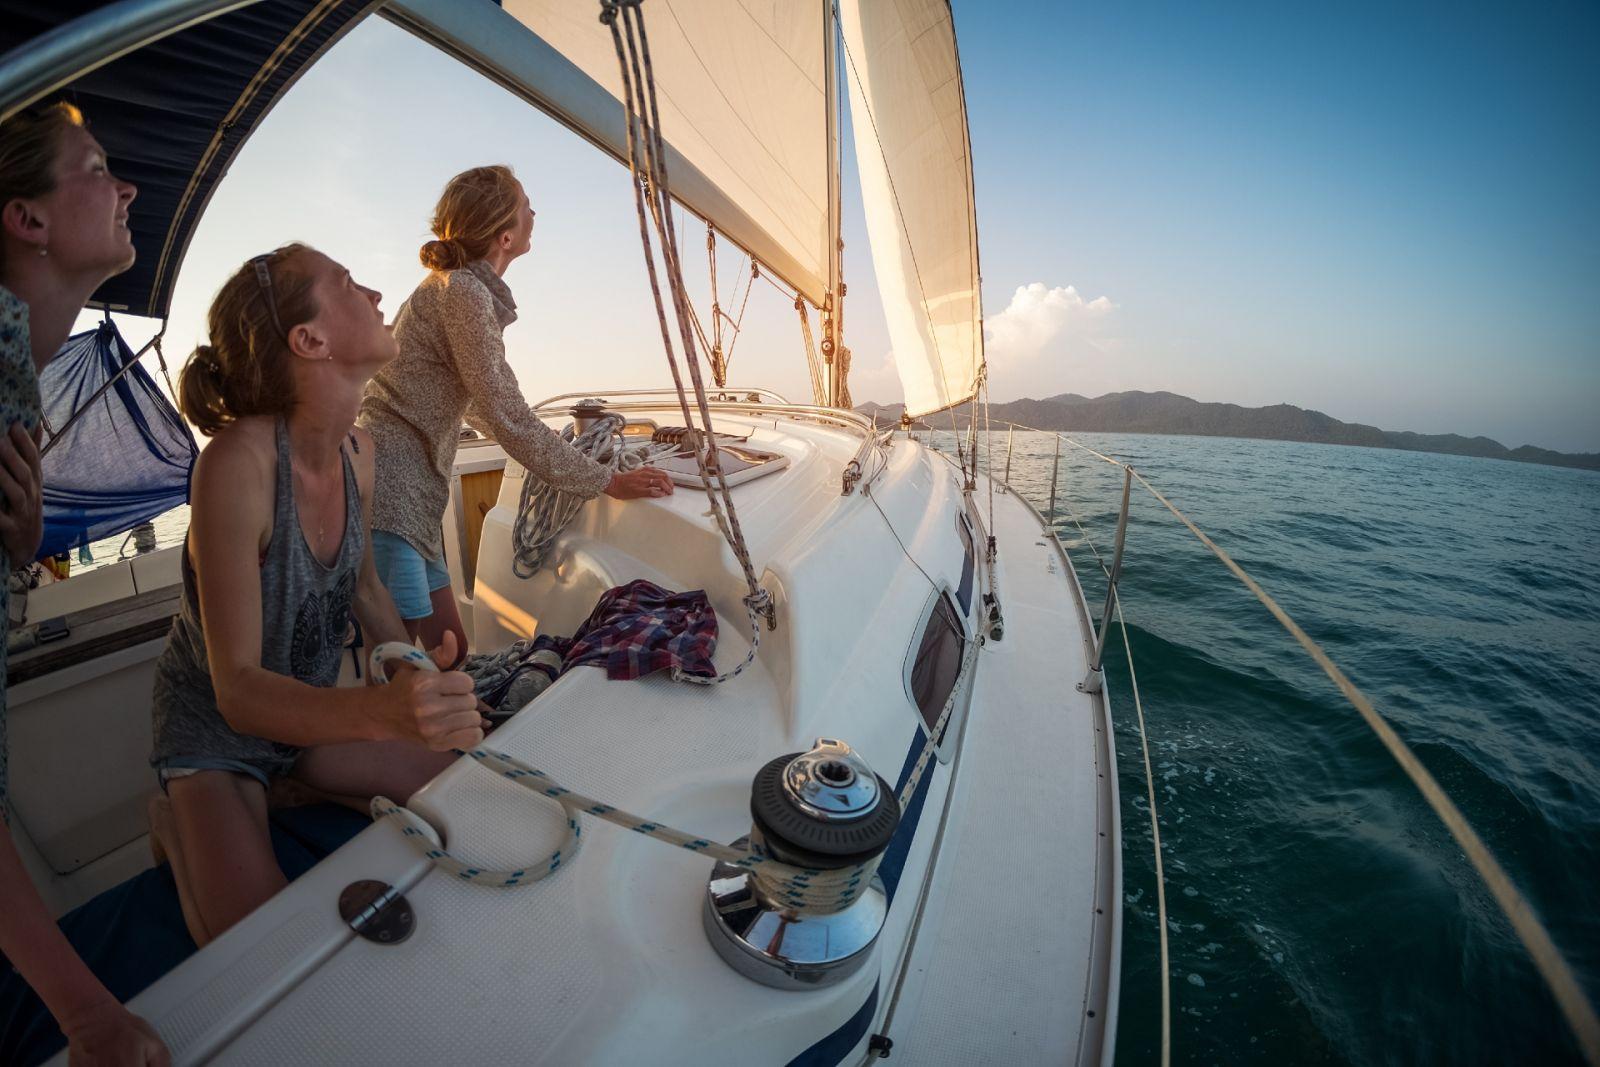 Mit einem Skipper können Sie erste Segelerfahrungen sammeln oder auch ein Team-Building unter Kollegen arrangieren. ©Dudarev-Mikhail/AdobeStock